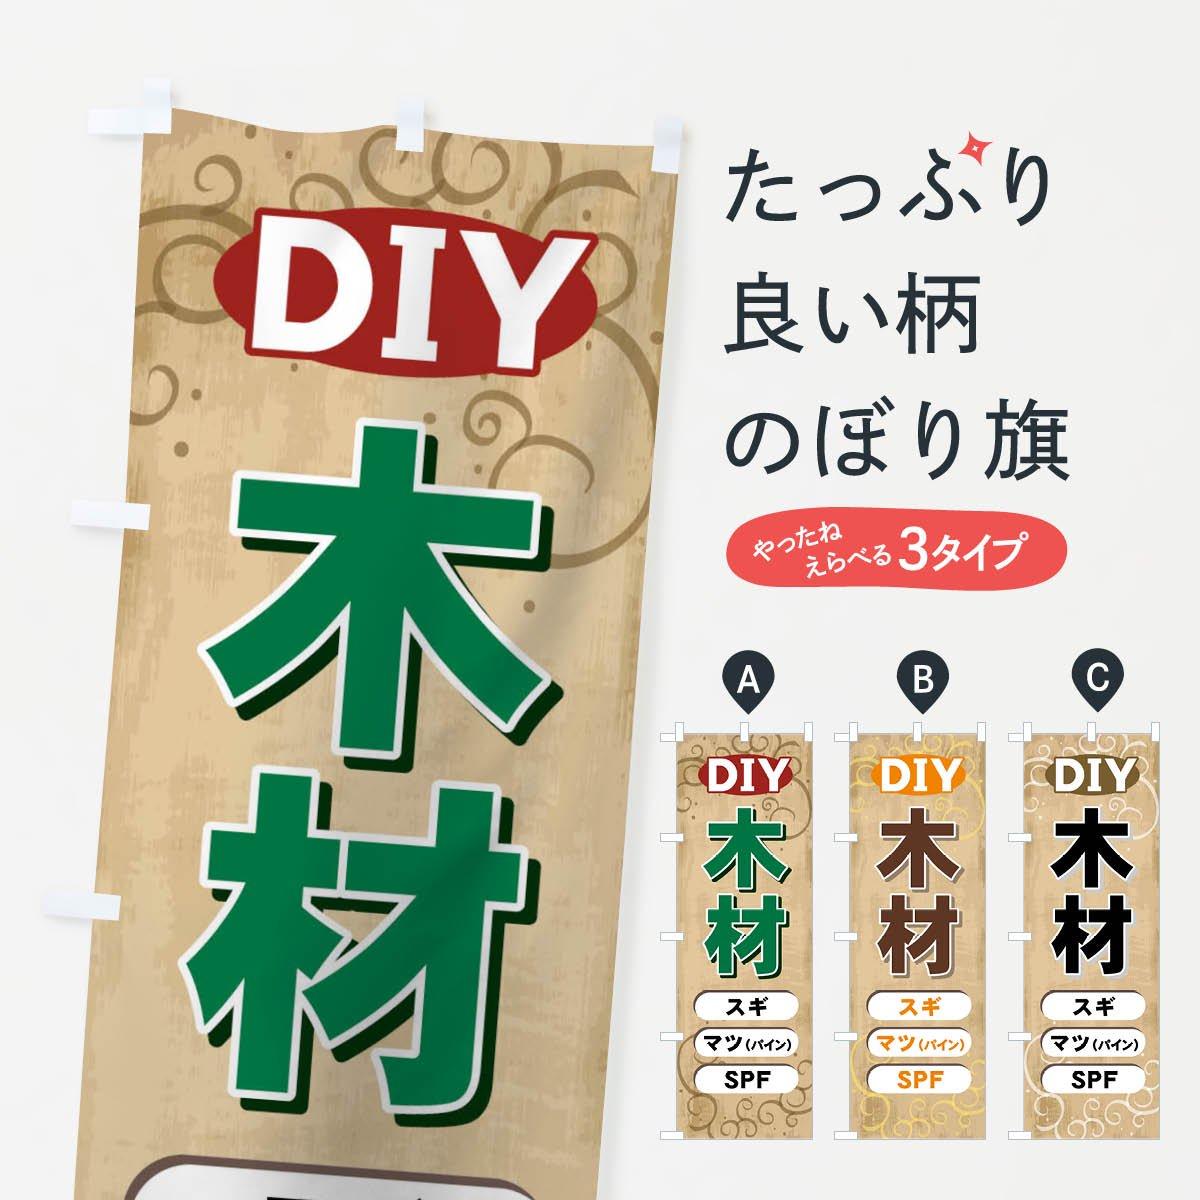 DIYのぼり旗 木材 スギ マツ パイン SPF